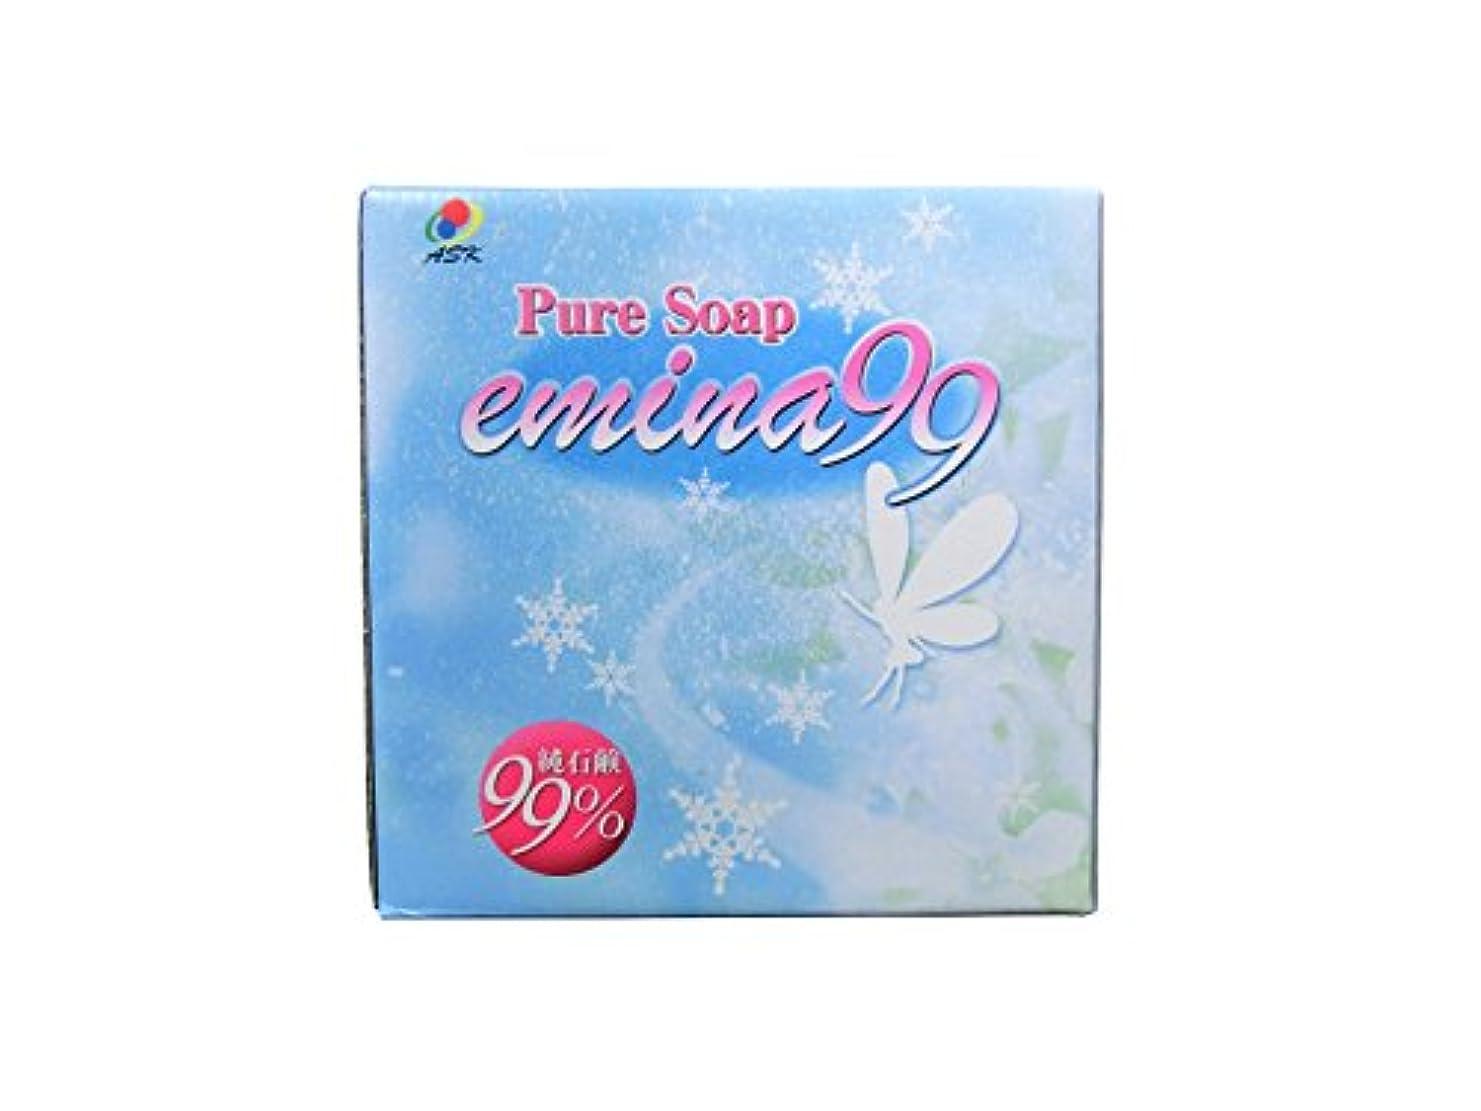 フロント拡声器安心Pure Soap emina99